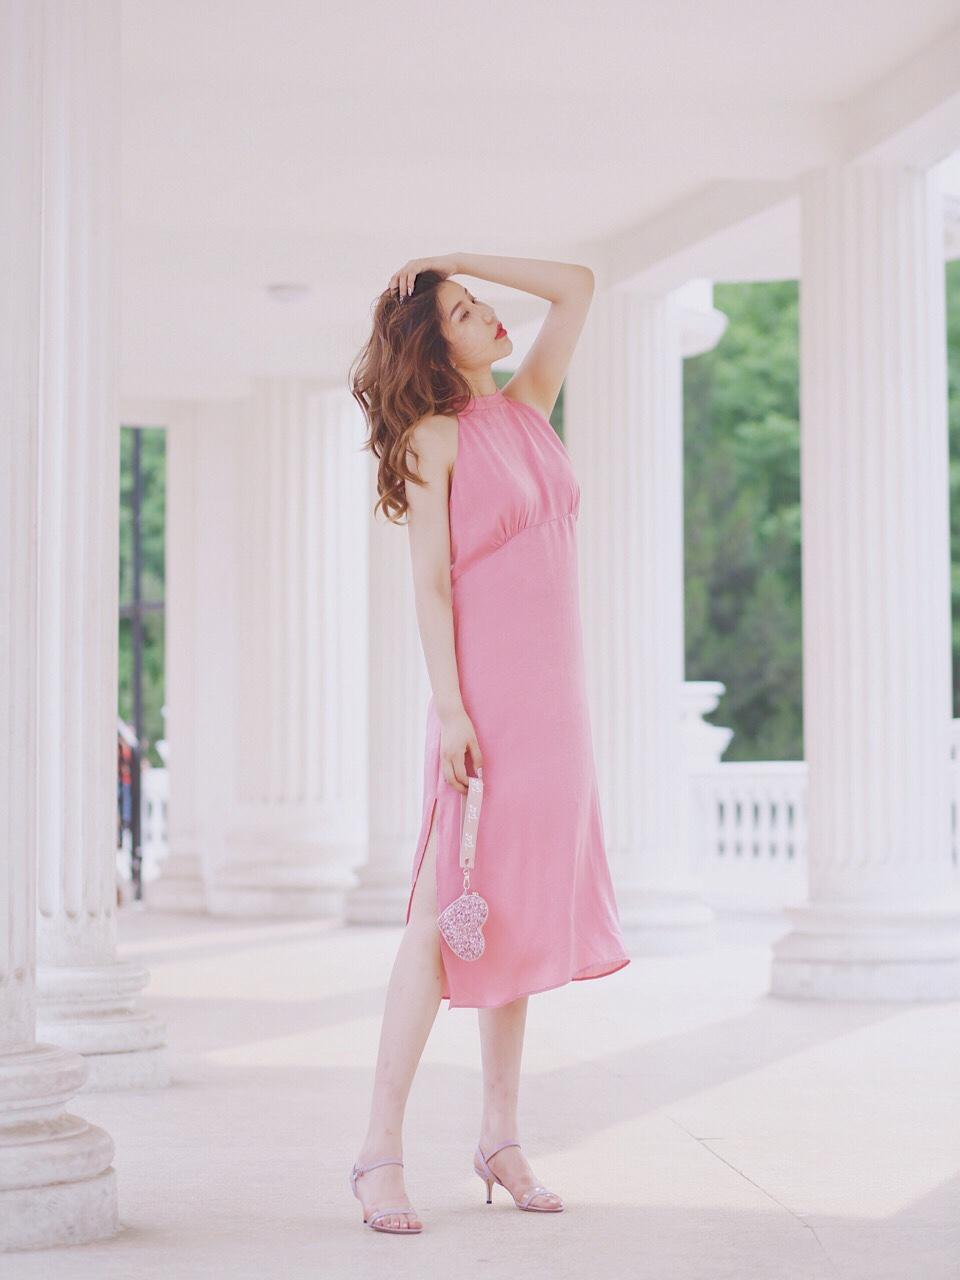 Amberootd  新鞋Try on Haul 约会穿搭 夏日穿搭 马上就是520!为约会穿搭收了双TATA的仙女鞋,今年它真的让我眼前一亮!这款色彩很适合夏天!透亮闪光的一字带,搭配春意盎然且高饱和的衣服既时髦又舒适!甜美优雅的整体风格,非常适合恬静温柔的小仙女!而低跟的设计也照顾到了稍微穿一点高跟就不会走路的女孩,完全不累脚~还有好多款都非常貌美!闪耀高跟鞋+闪耀手包更是耀你好看!无论走到哪里都是聚光灯的焦点,让你闪闪发光!不多说了,大家自主种🍀吧嘻嘻🤭 #法式穿搭,气质值+100!#